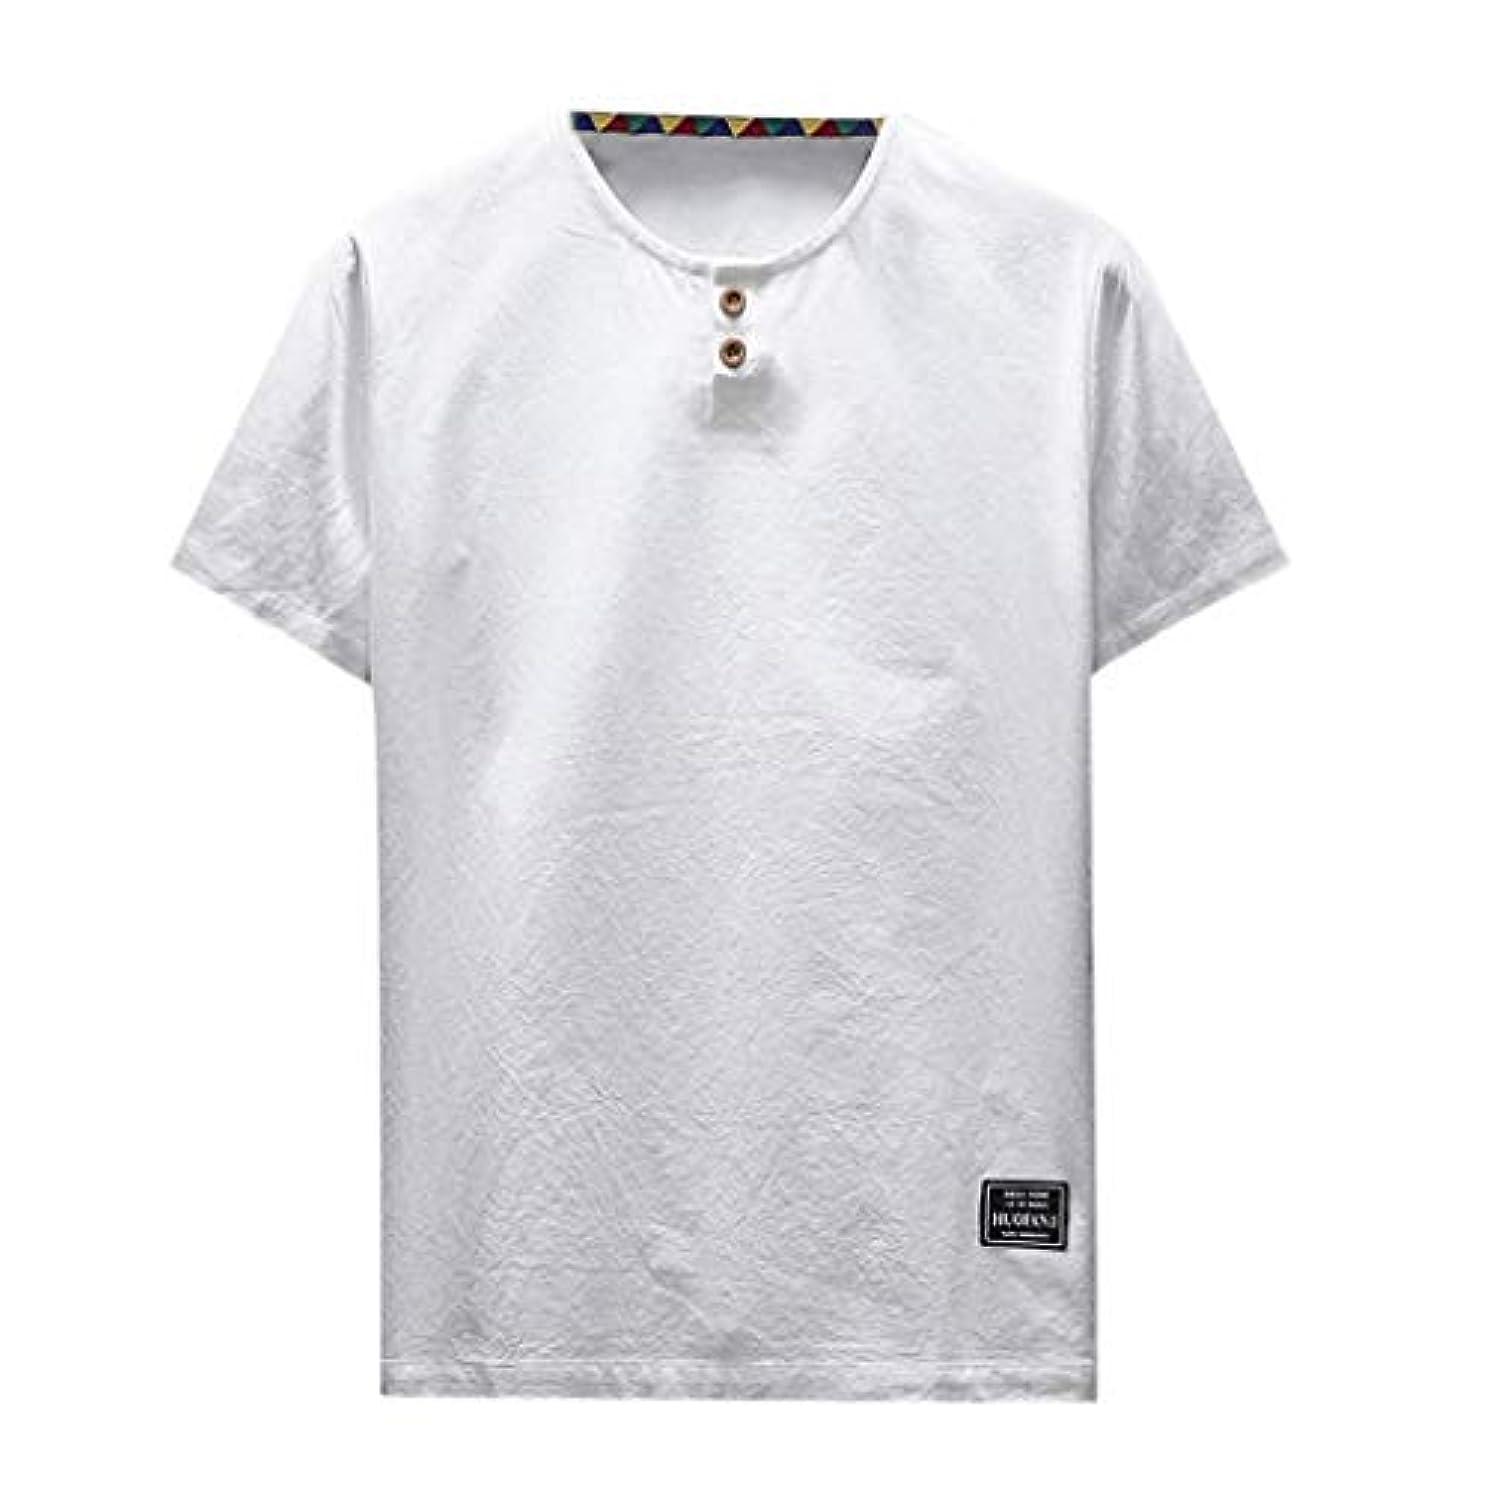 温室約設定熱心なOD企画 Tシャツ メンズ 半袖 シャツ メンズ tシャツ メンズ おおきいサイズ 日系 綿麻 丸首 半袖シャツ シャツ 半袖 ブラウス トップス ゆるtシャツ 春夏節対応 おしゃれ ゆったり カットソー ファッション 夏服